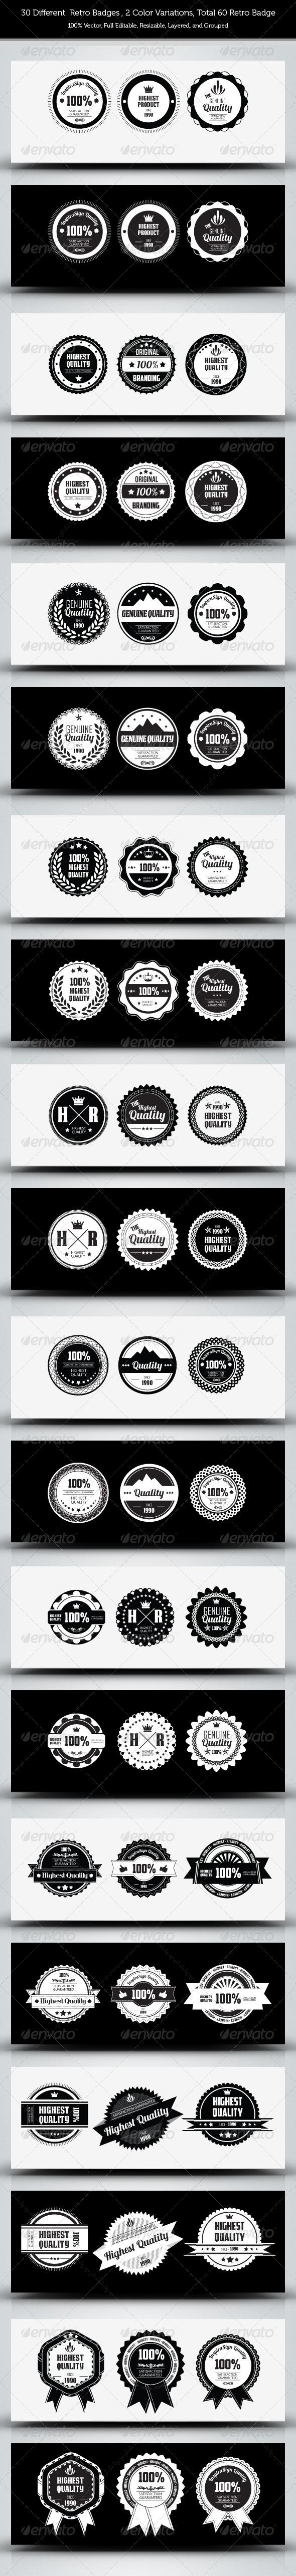 GraphicRiver 30 Genuine Quality Retro Badges 3656205